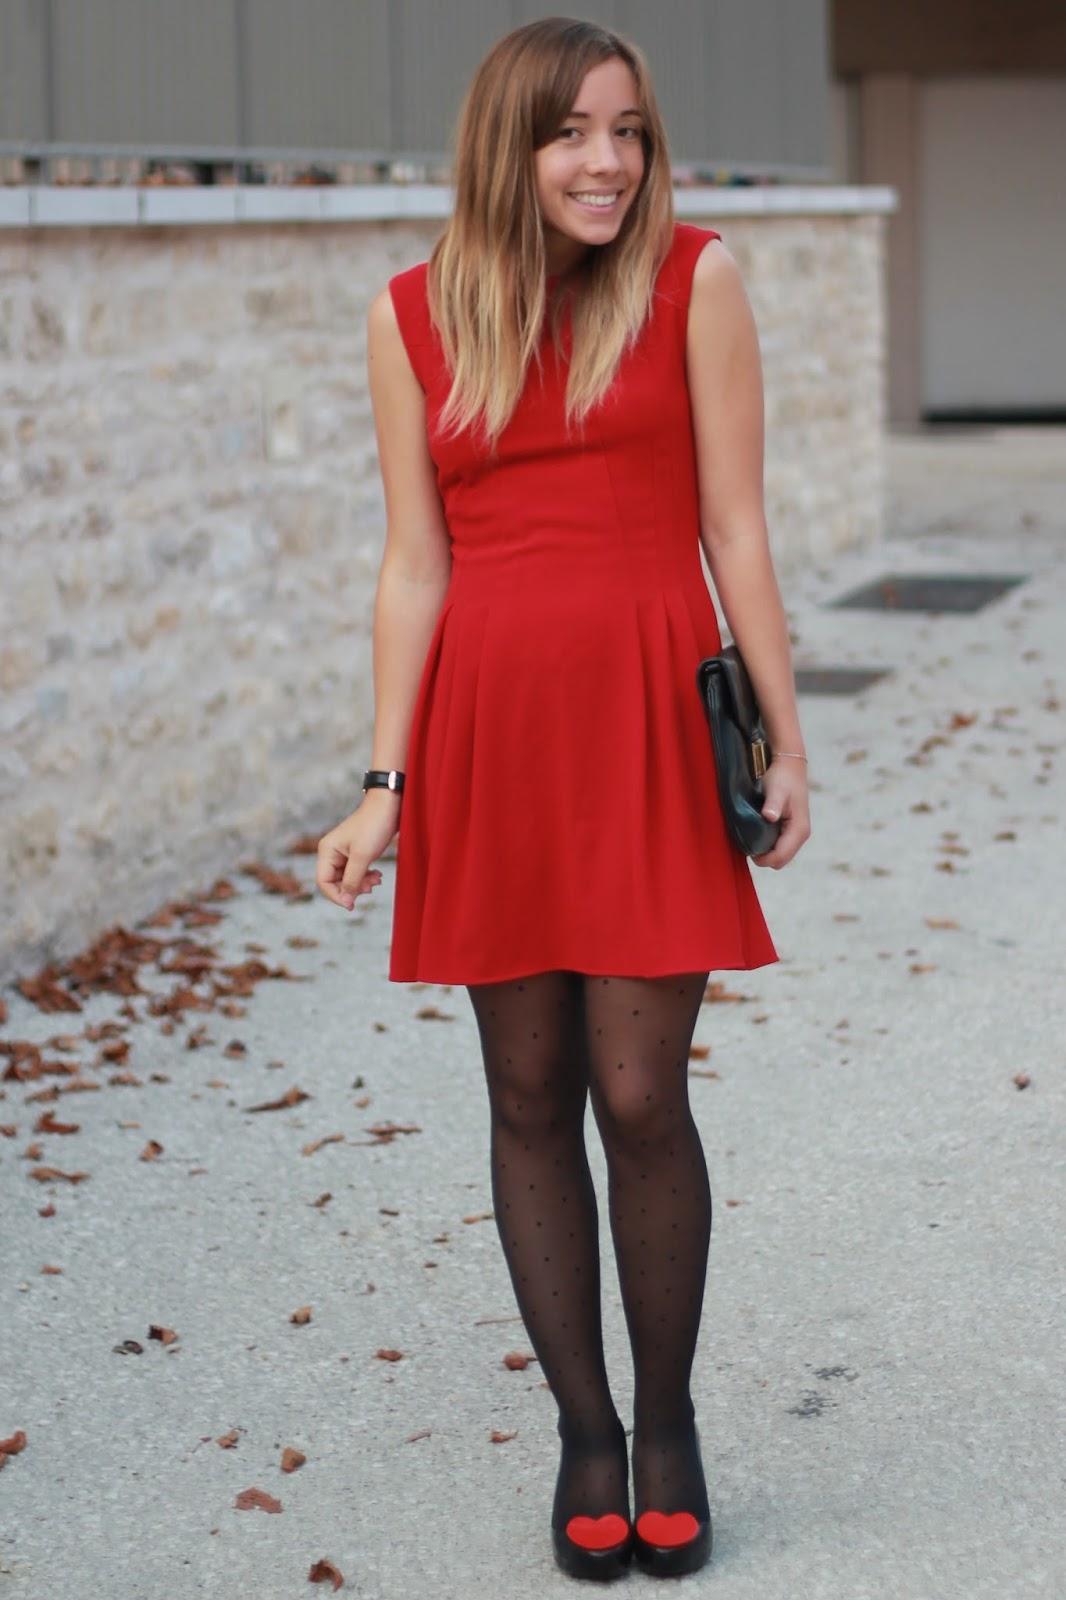 Robe rouge collant noir